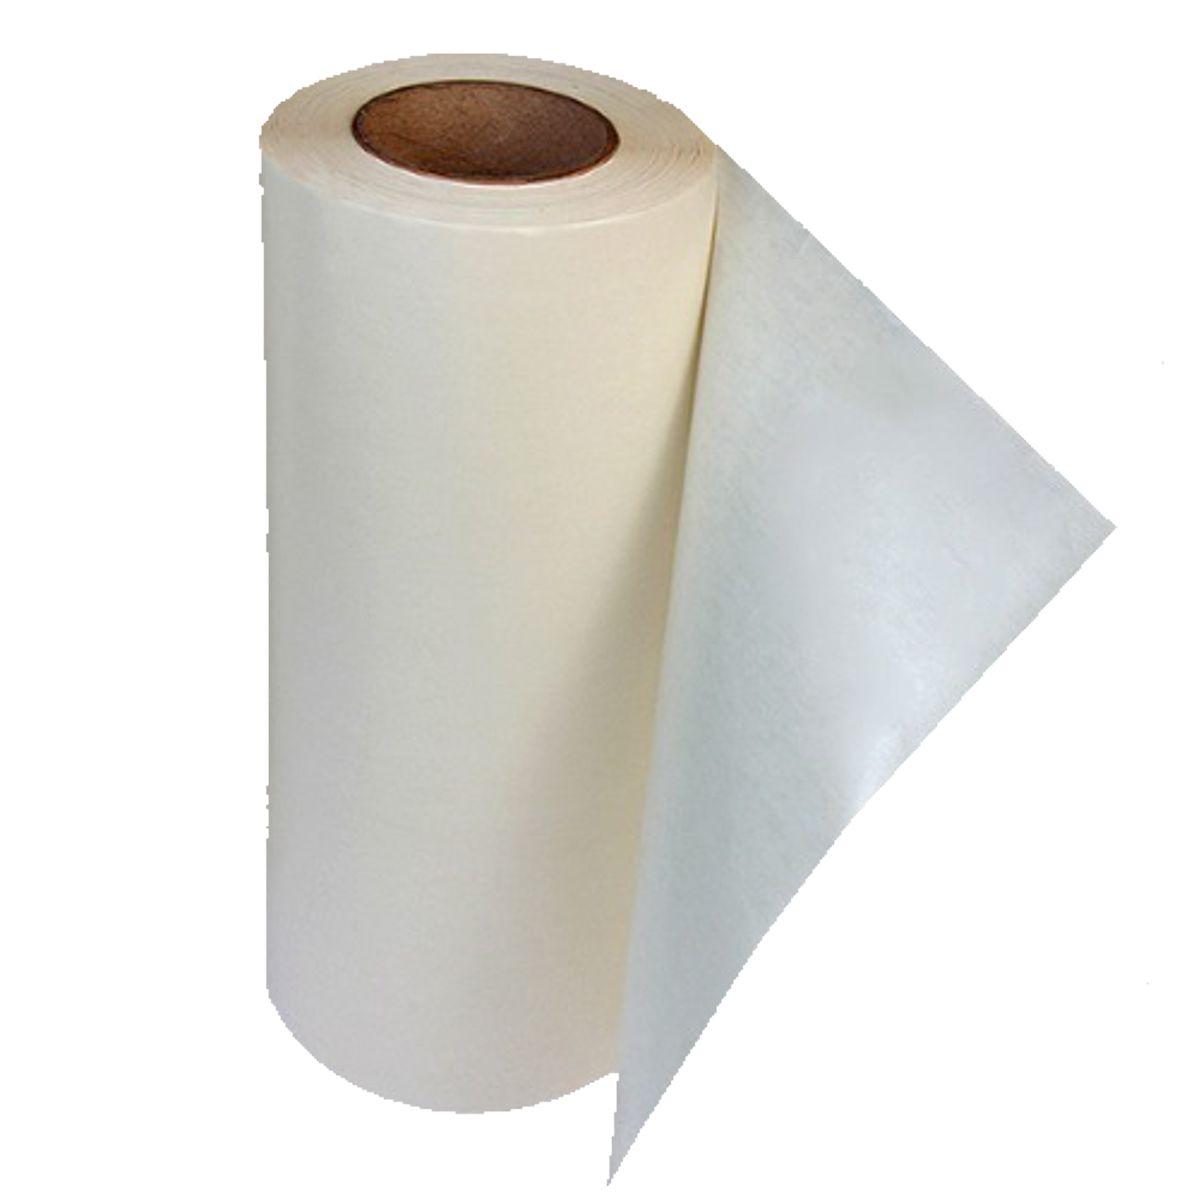 Adesivo Dupla Face Duplo Liner Encadernação 100mt X 33 Cm